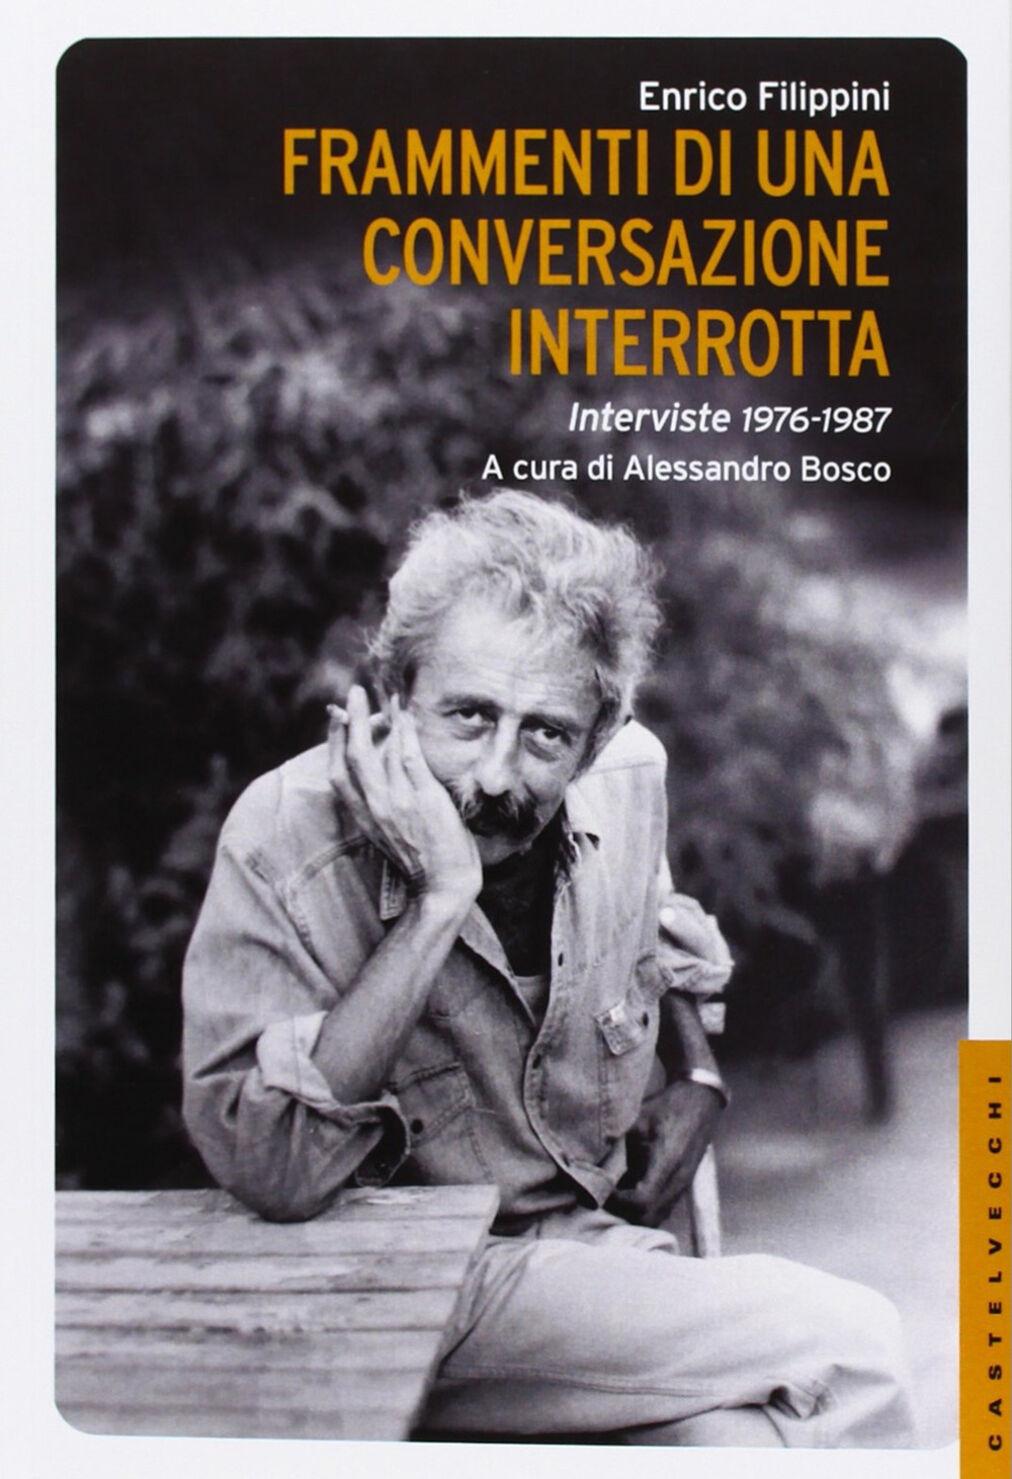 Frammenti di una conversazione interrotta. Interviste 1976-1987